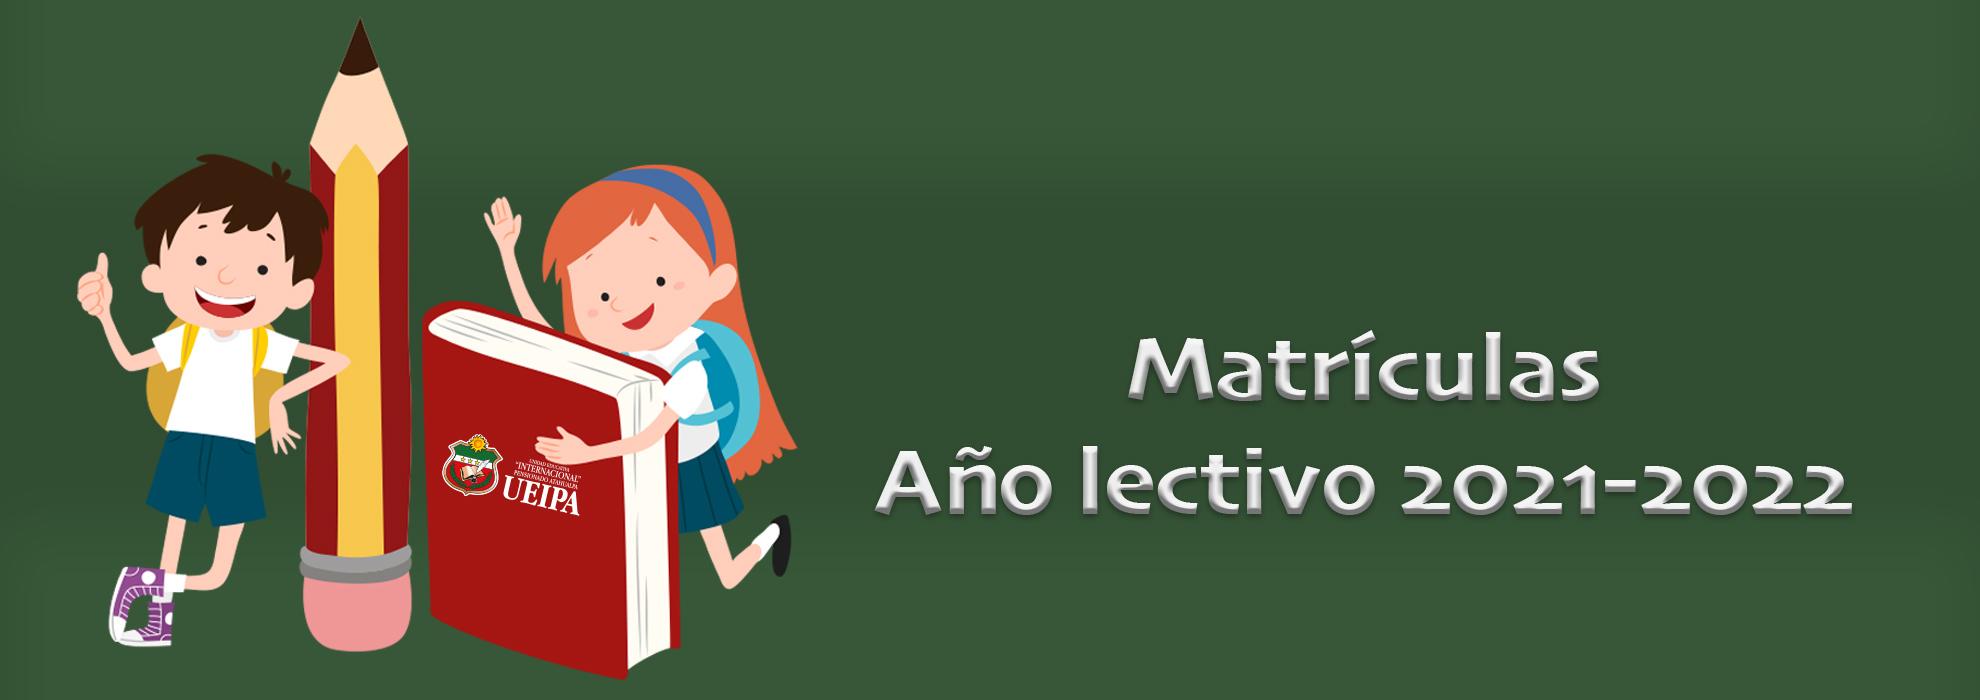 header-matriculas2021